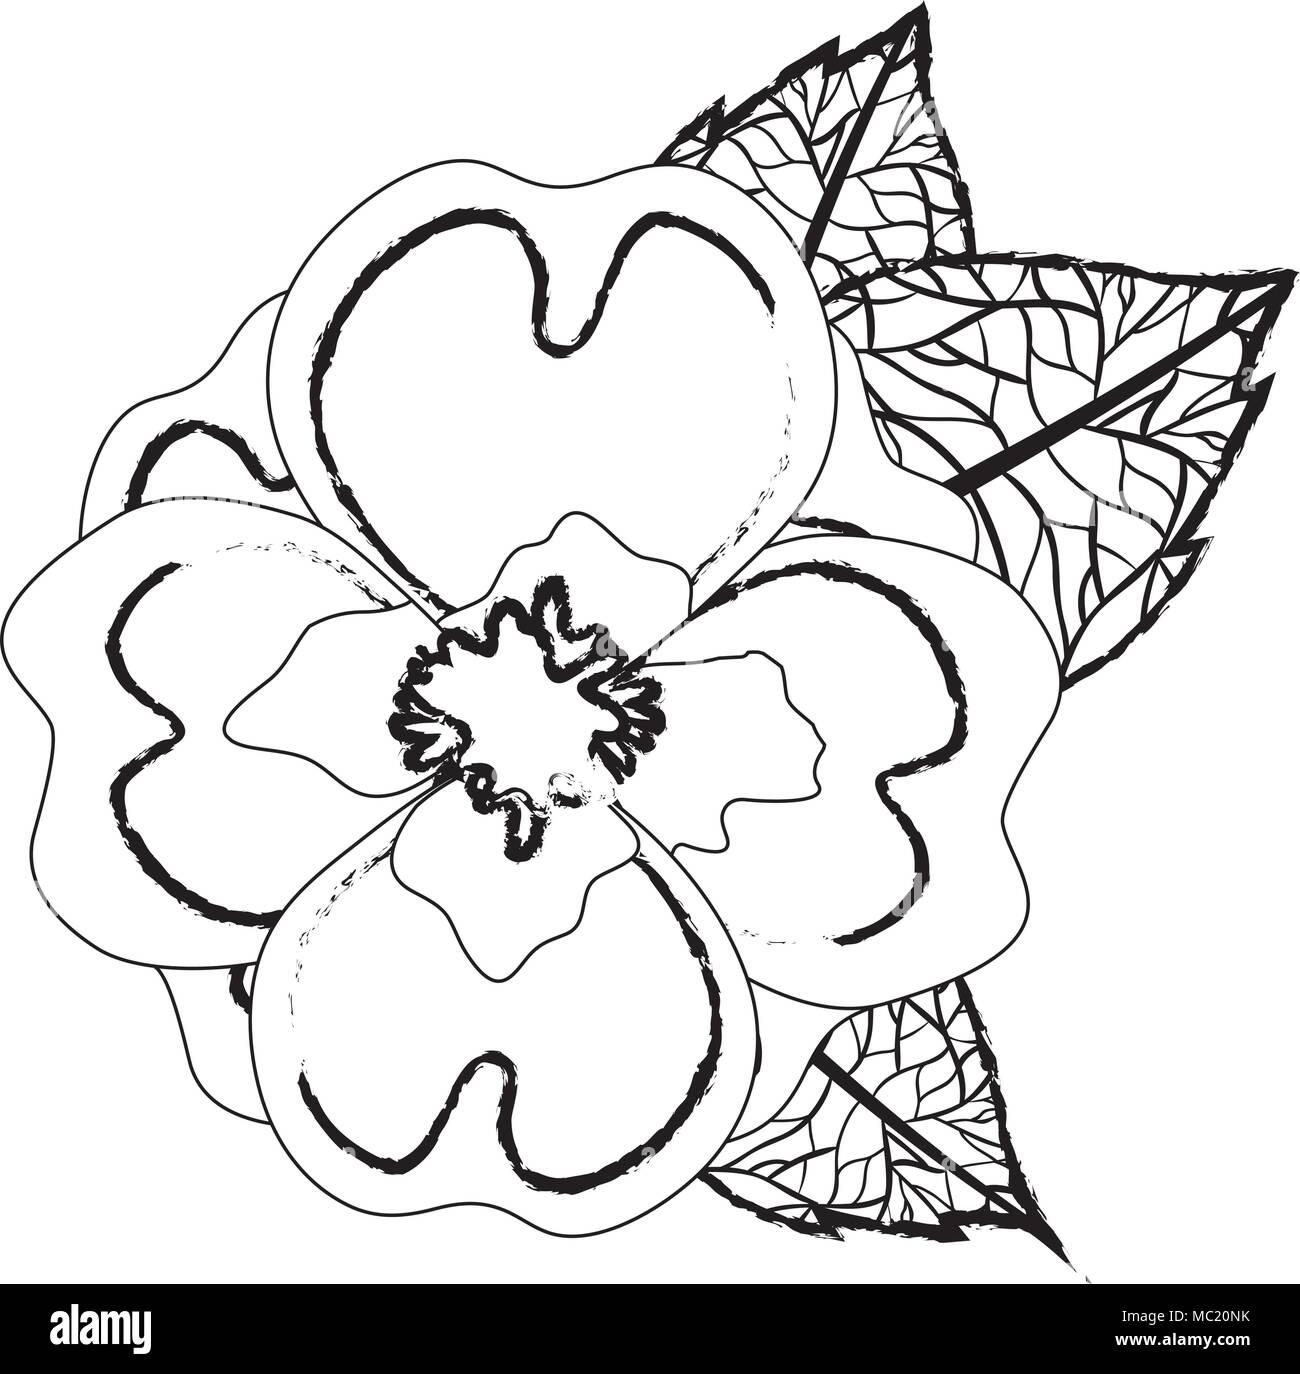 Cute jasmine flower with leafs decorative stock vector art cute jasmine flower with leafs decorative izmirmasajfo